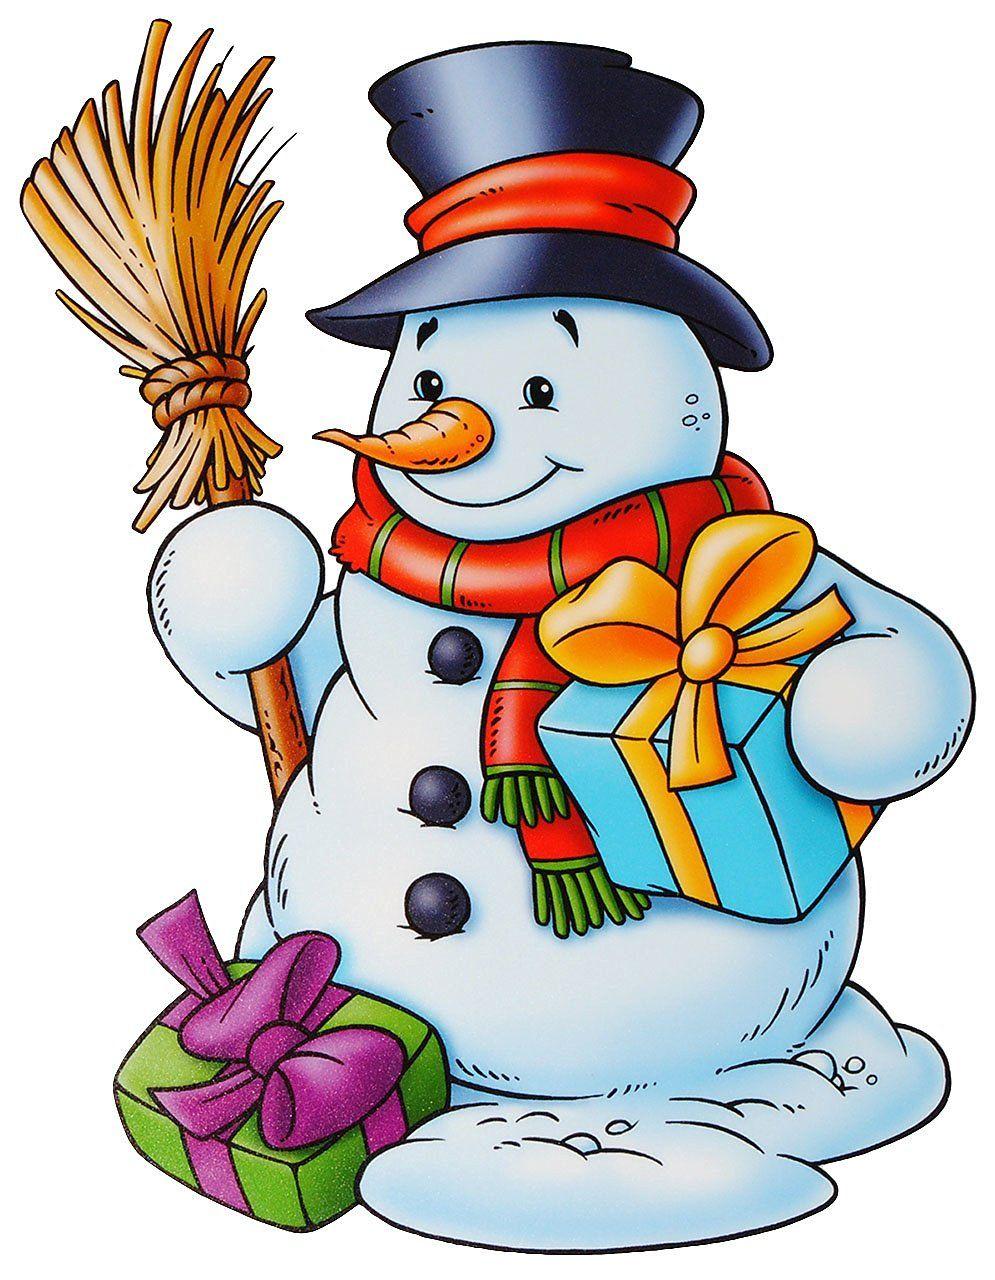 Fensterbild weihnachten pinterest fensterbilder - Fensterfolie weihnachten ...